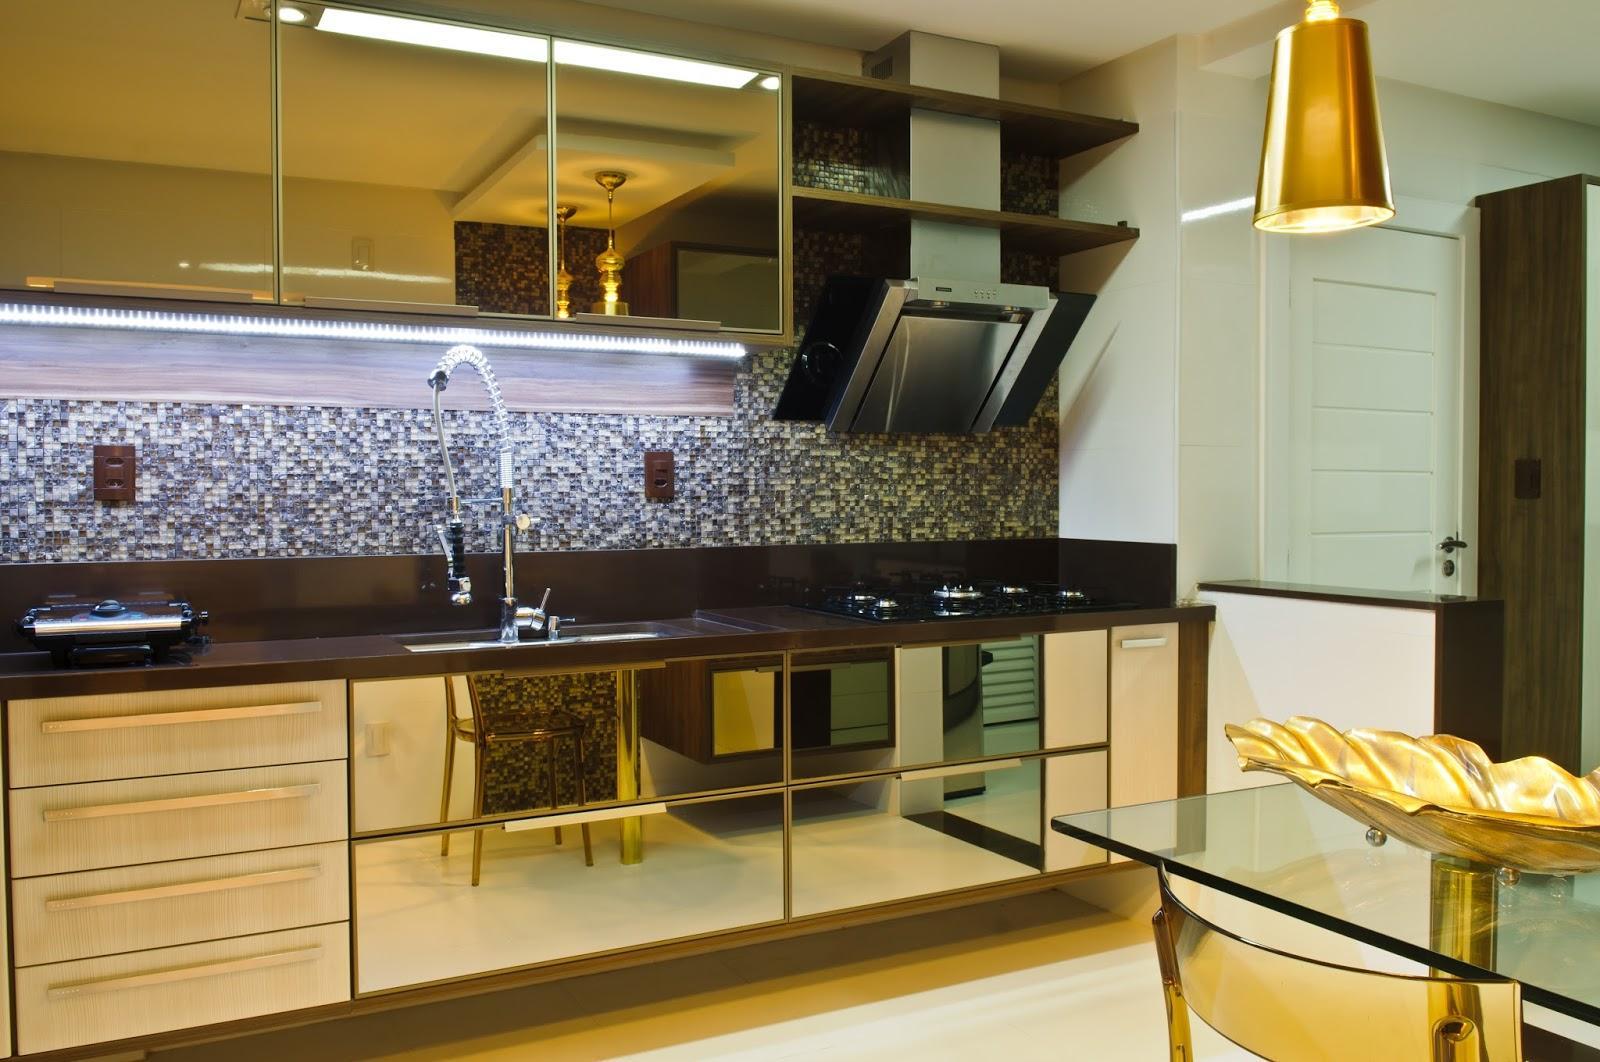 Imagem 29 – Pastilhas espelhadas revestem uma área da cozinha #B0881B 1600 1062